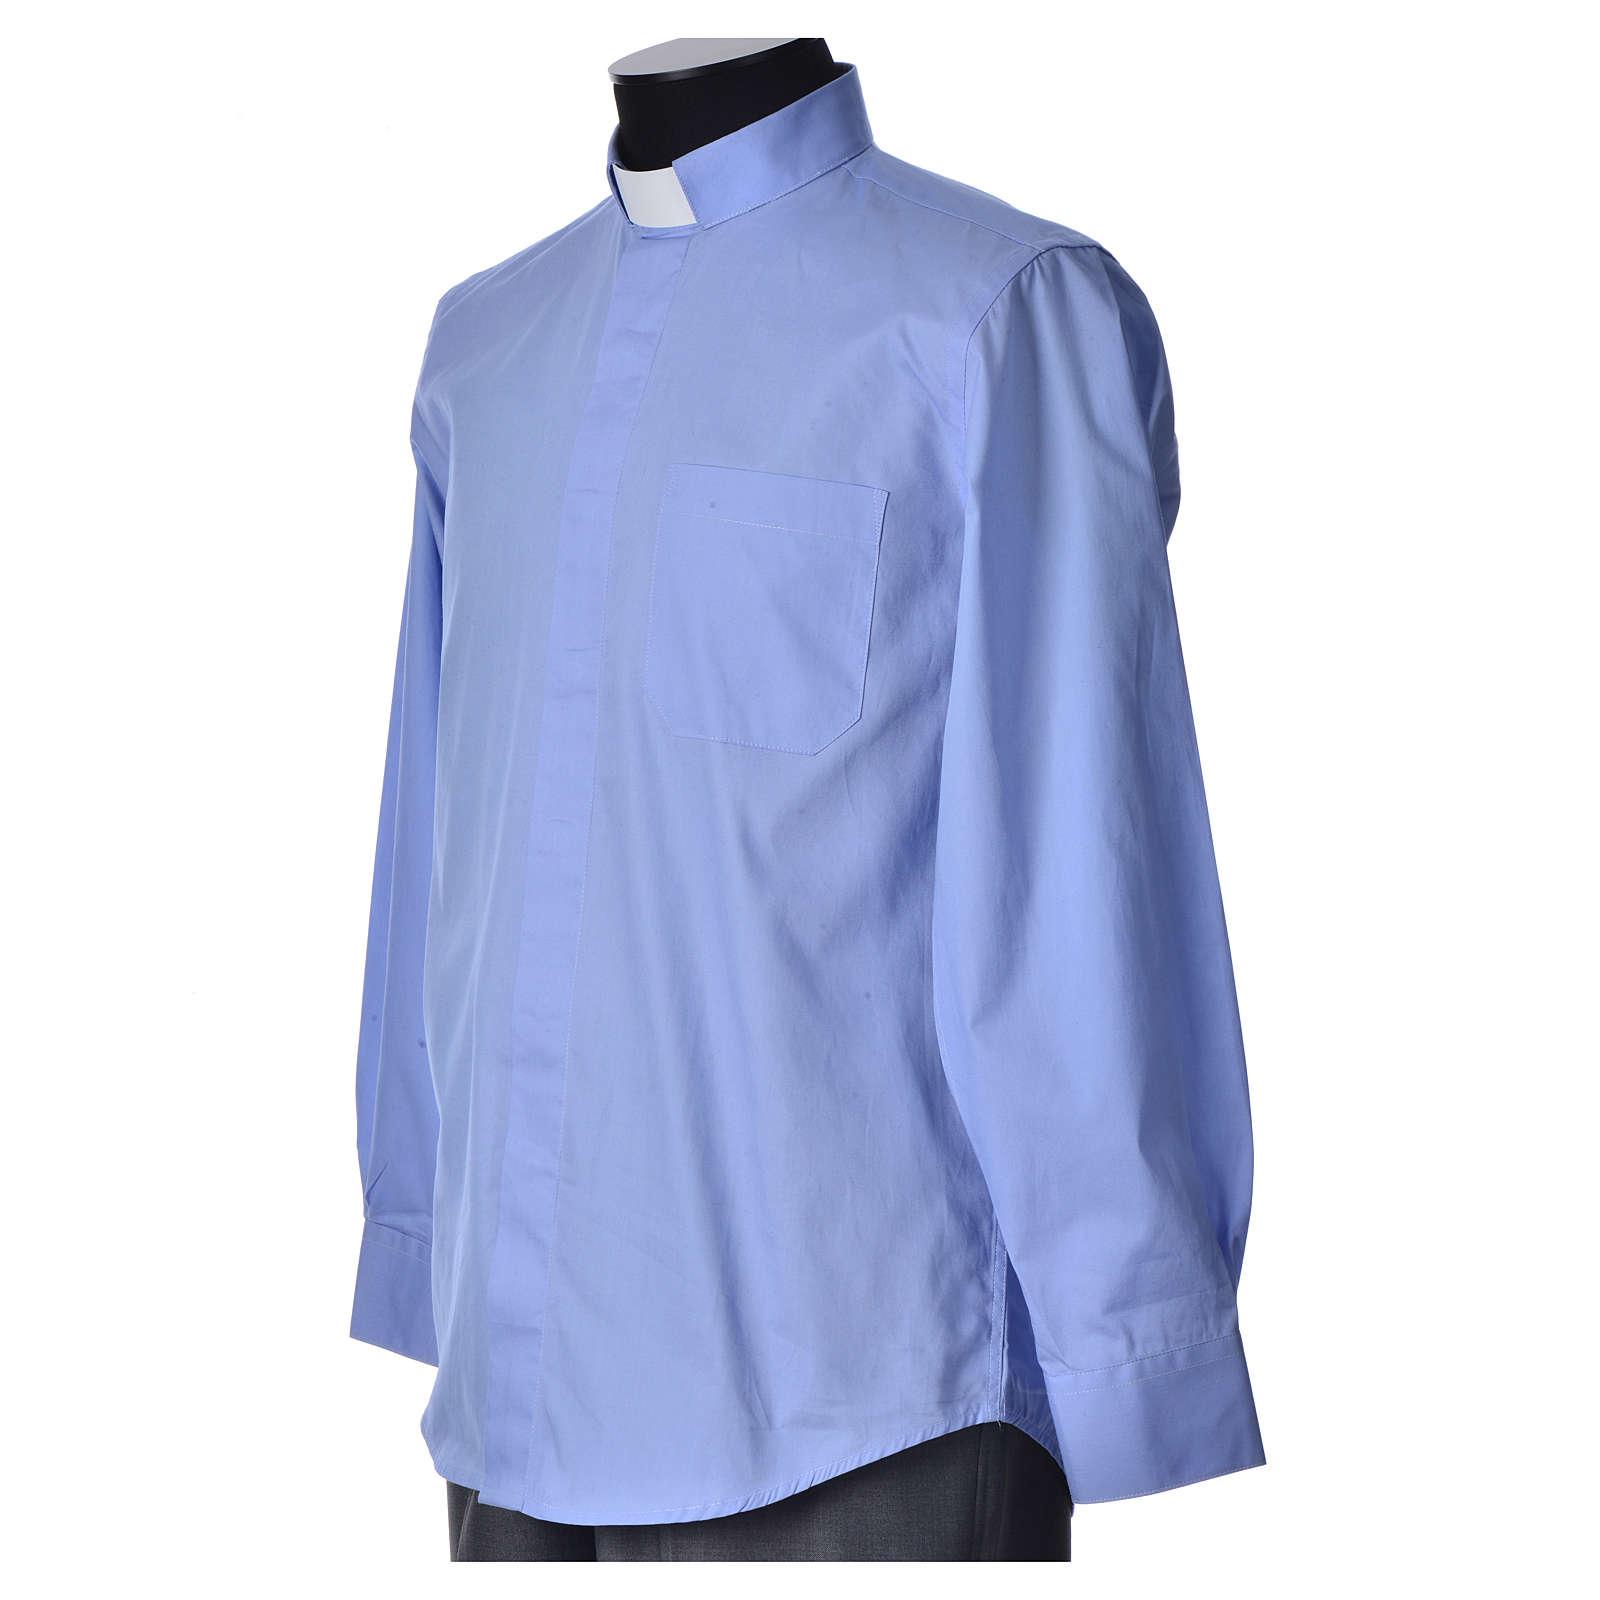 STOCK Camicia clergy manica lunga popeline azzurro 4